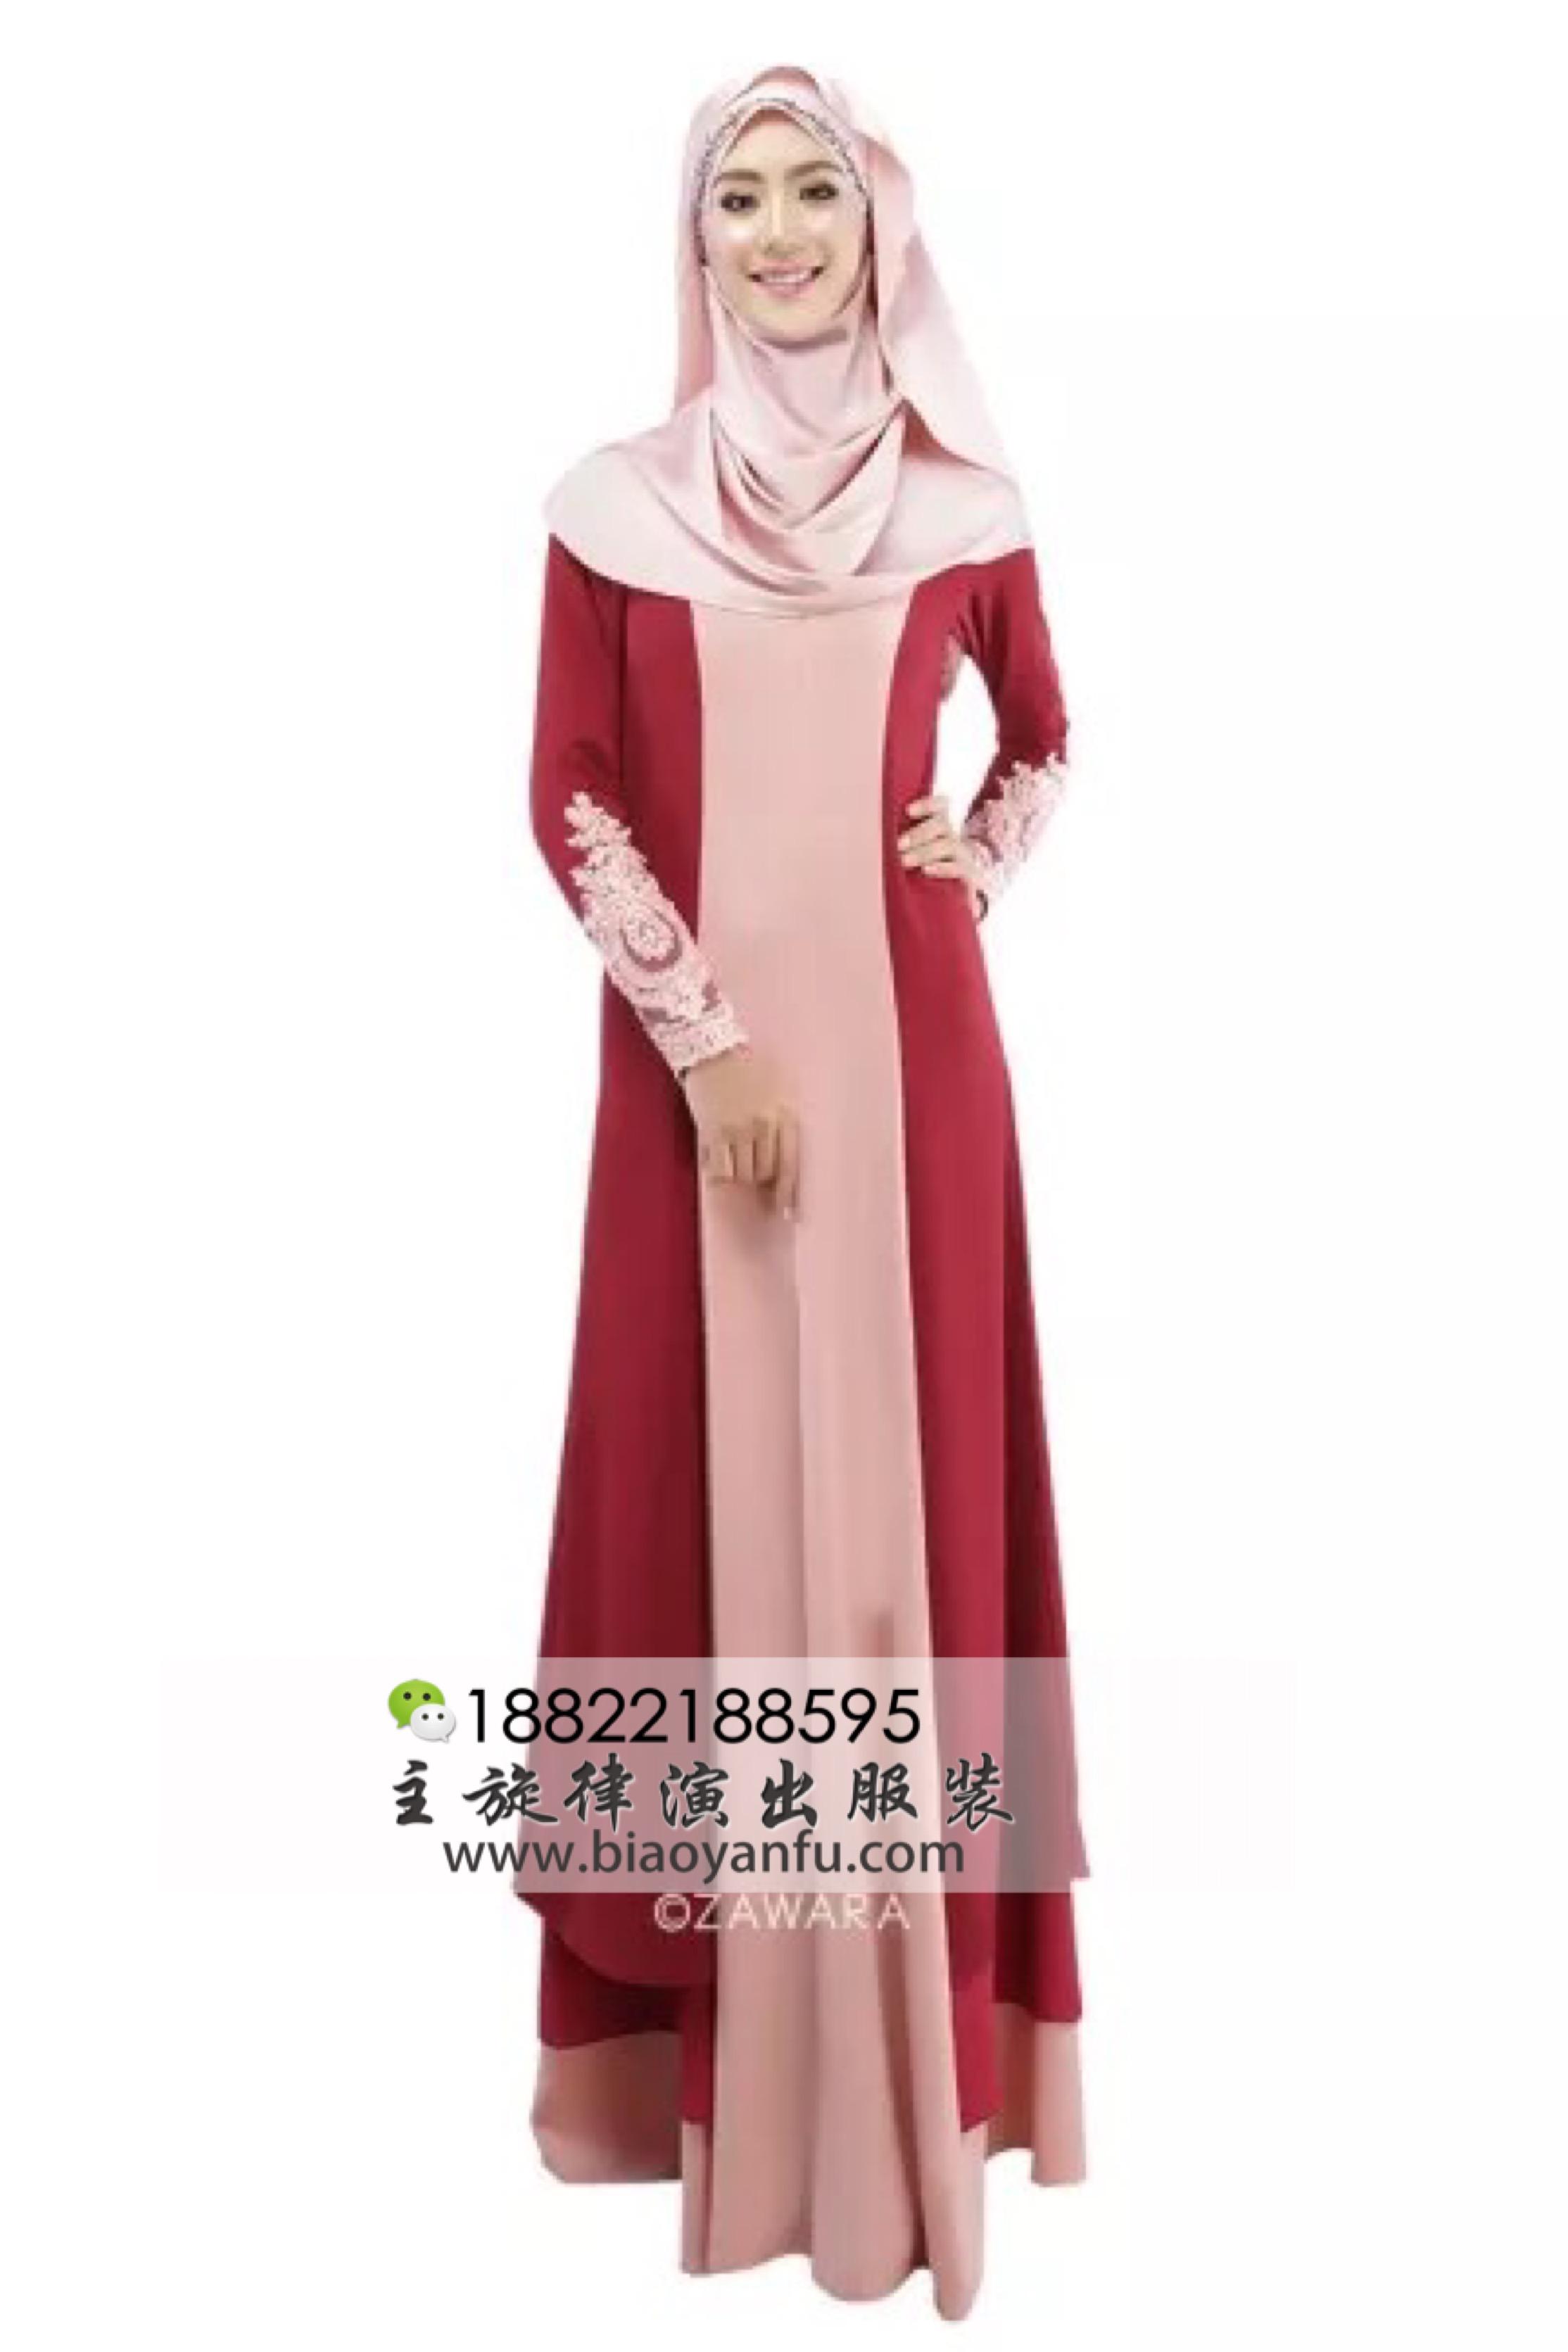 HK-029阿拉伯德赢手机平台在线注册粉色